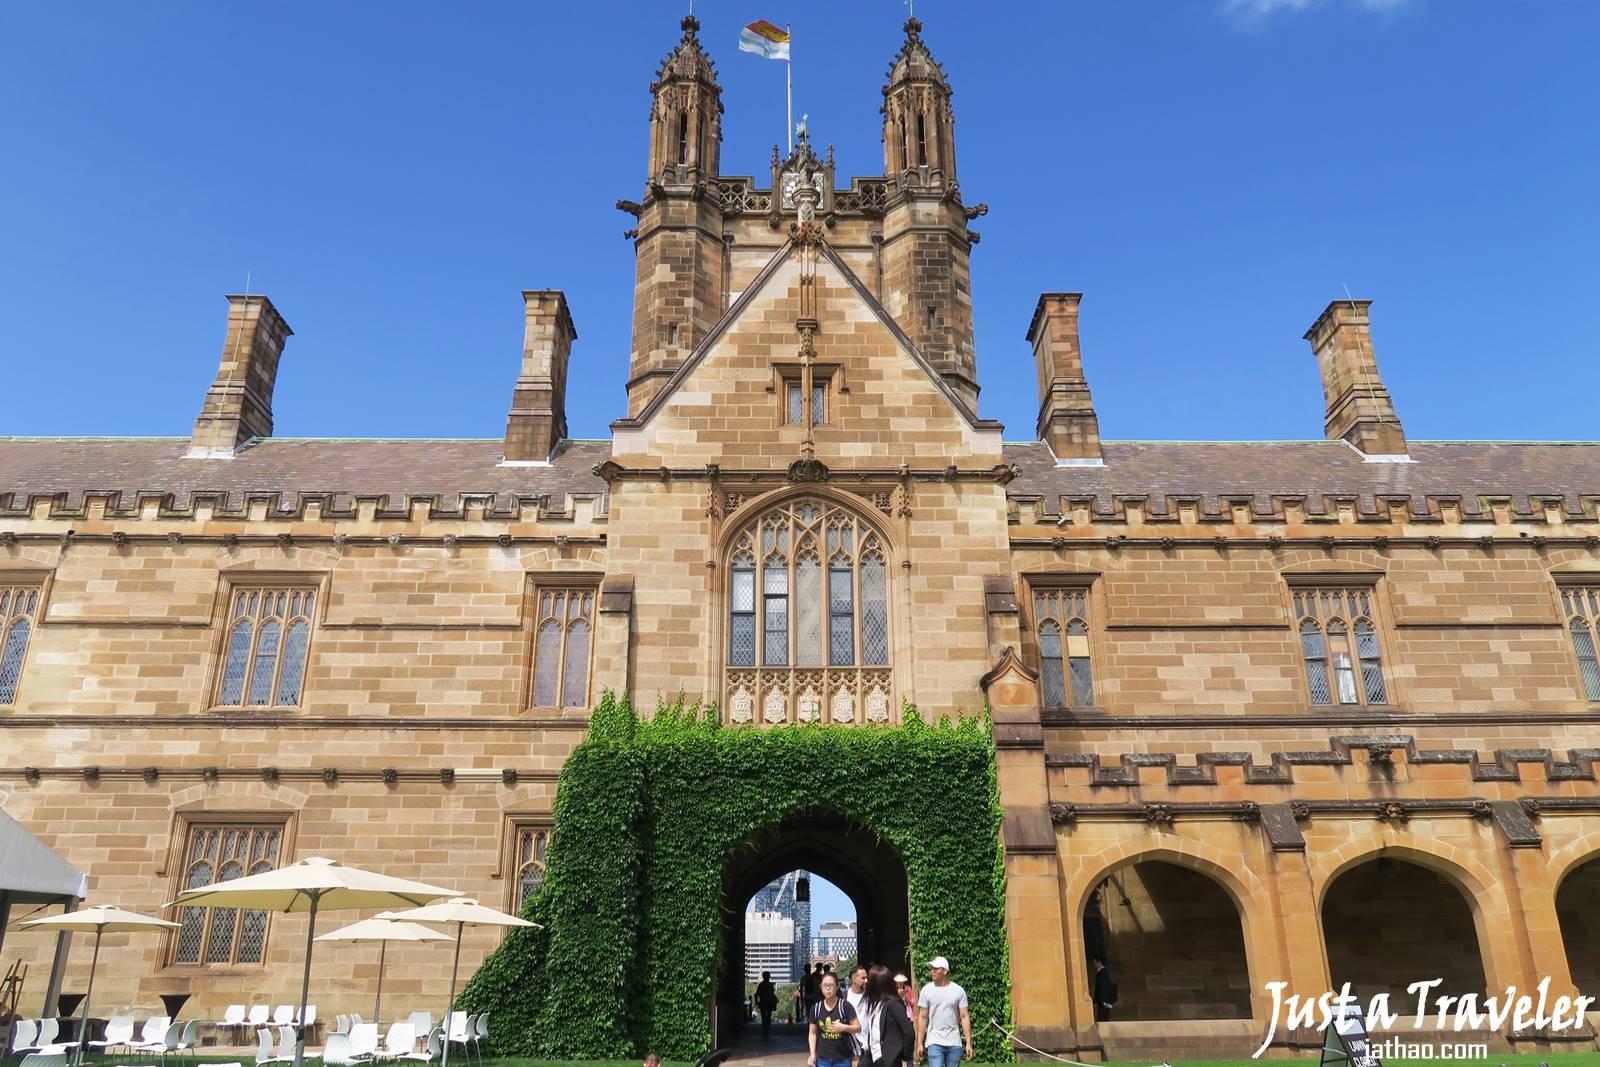 雪梨-雪梨景點-市區-推薦-雪梨必玩景點-雪梨必遊景點-雪梨大學-雪梨旅遊景點-雪梨自由行景點-悉尼景點-澳洲-Sydney-Tourist-Attraction-University-Travel-Australia